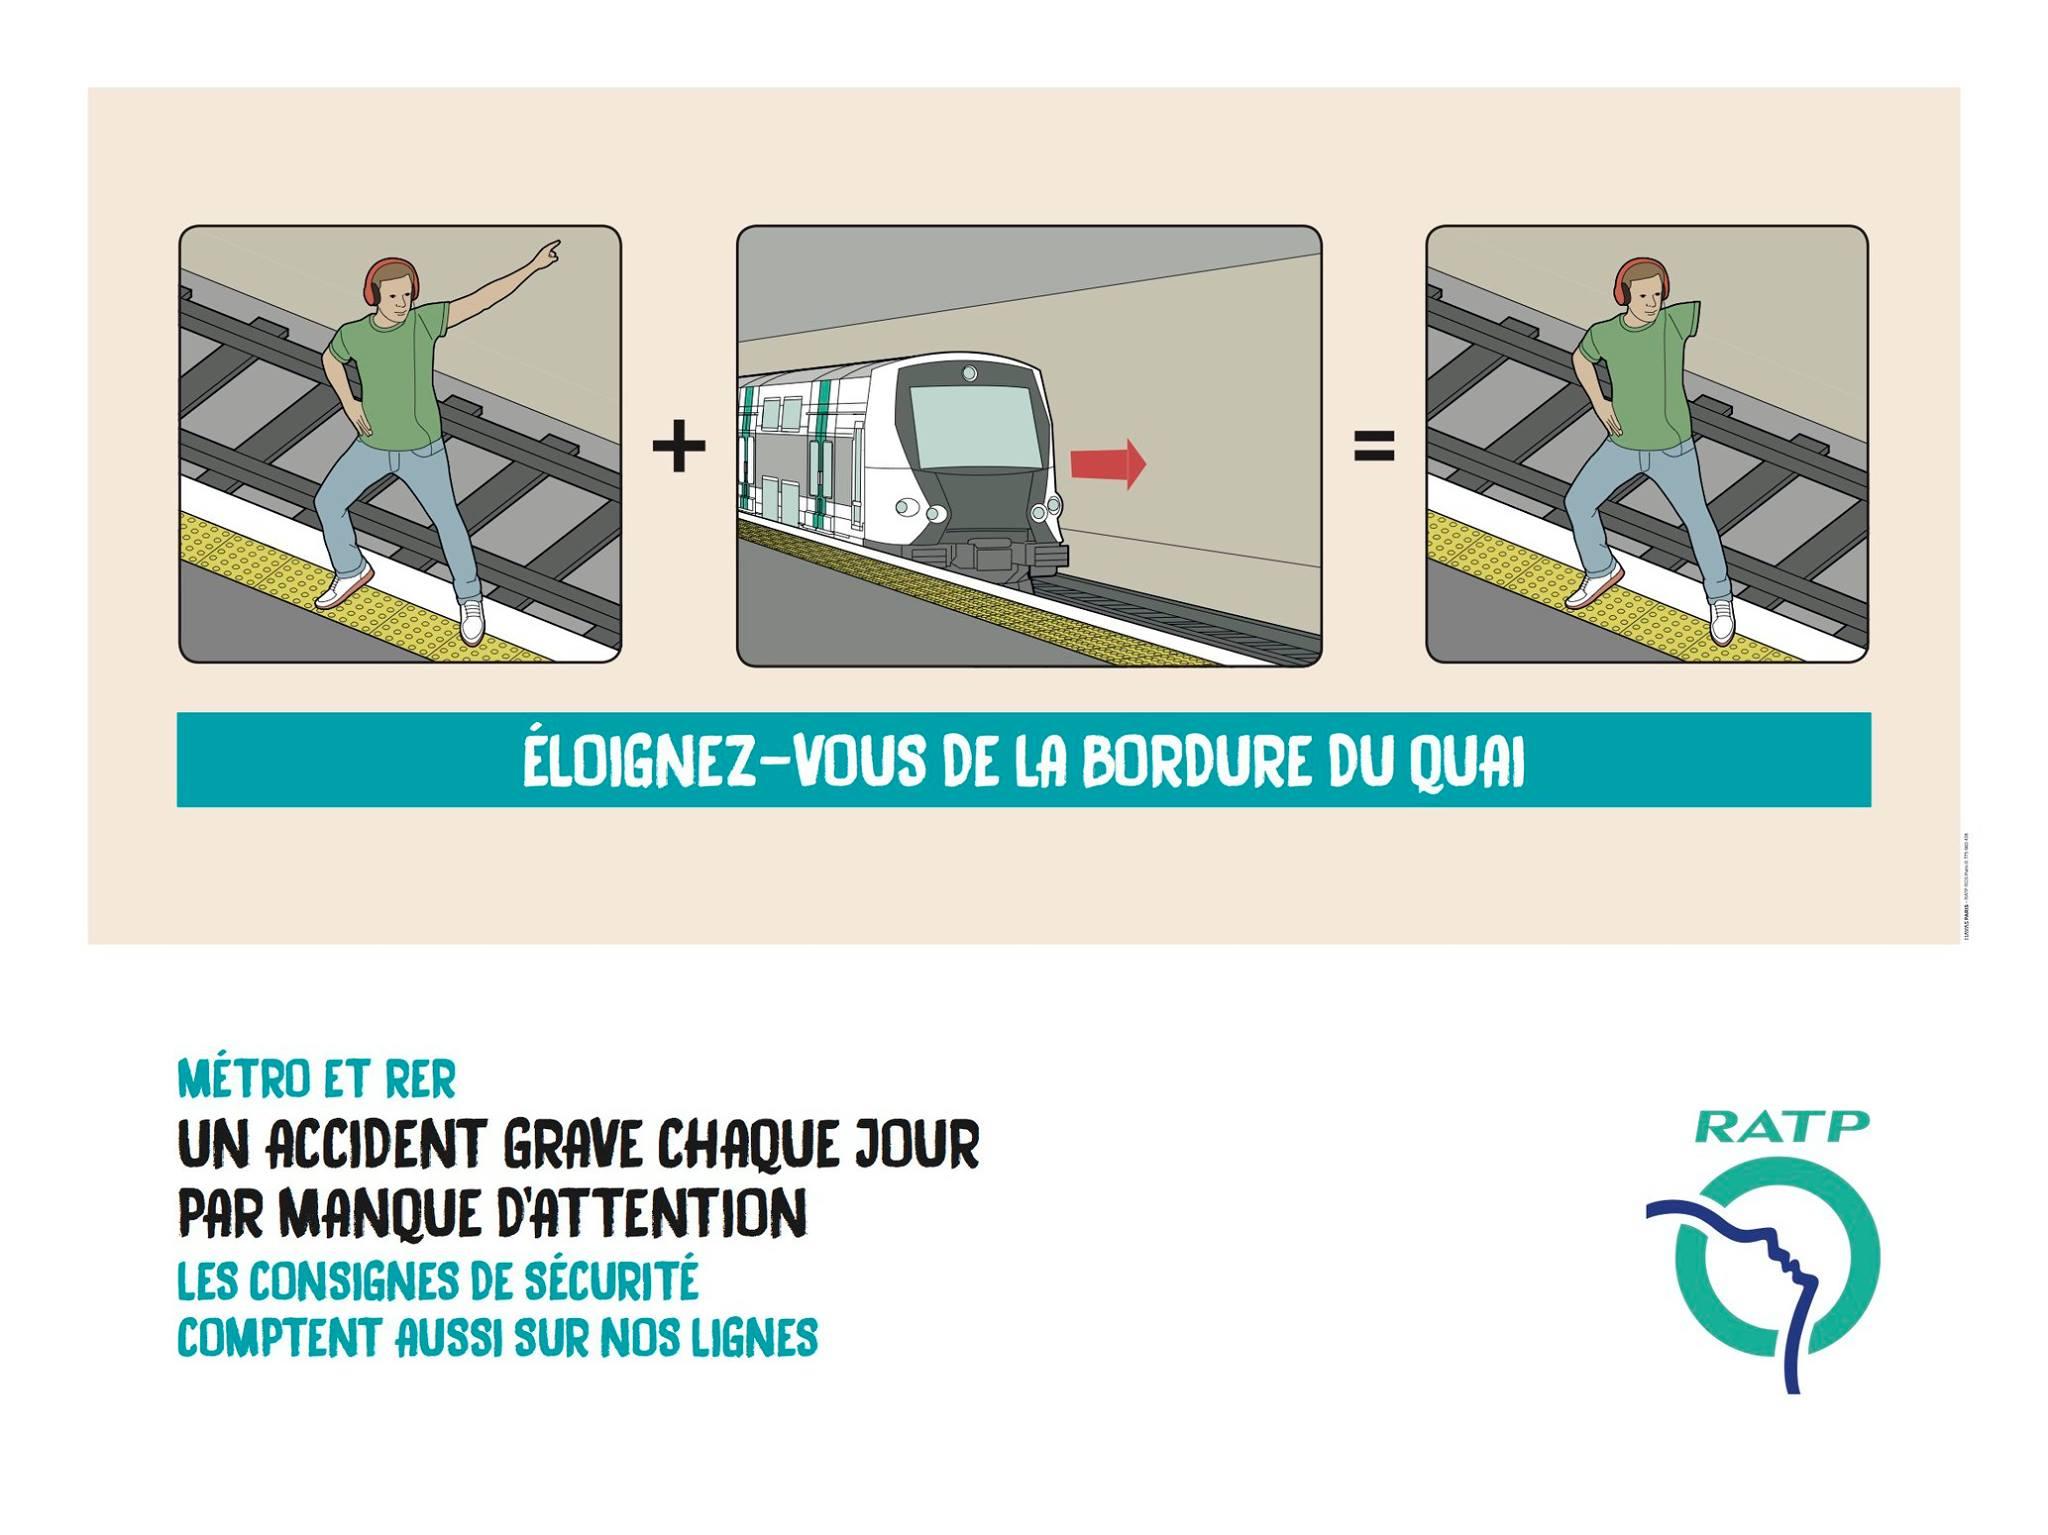 ratp-metro-consignes-securite-2016-publicite-danger-havas-paris-1